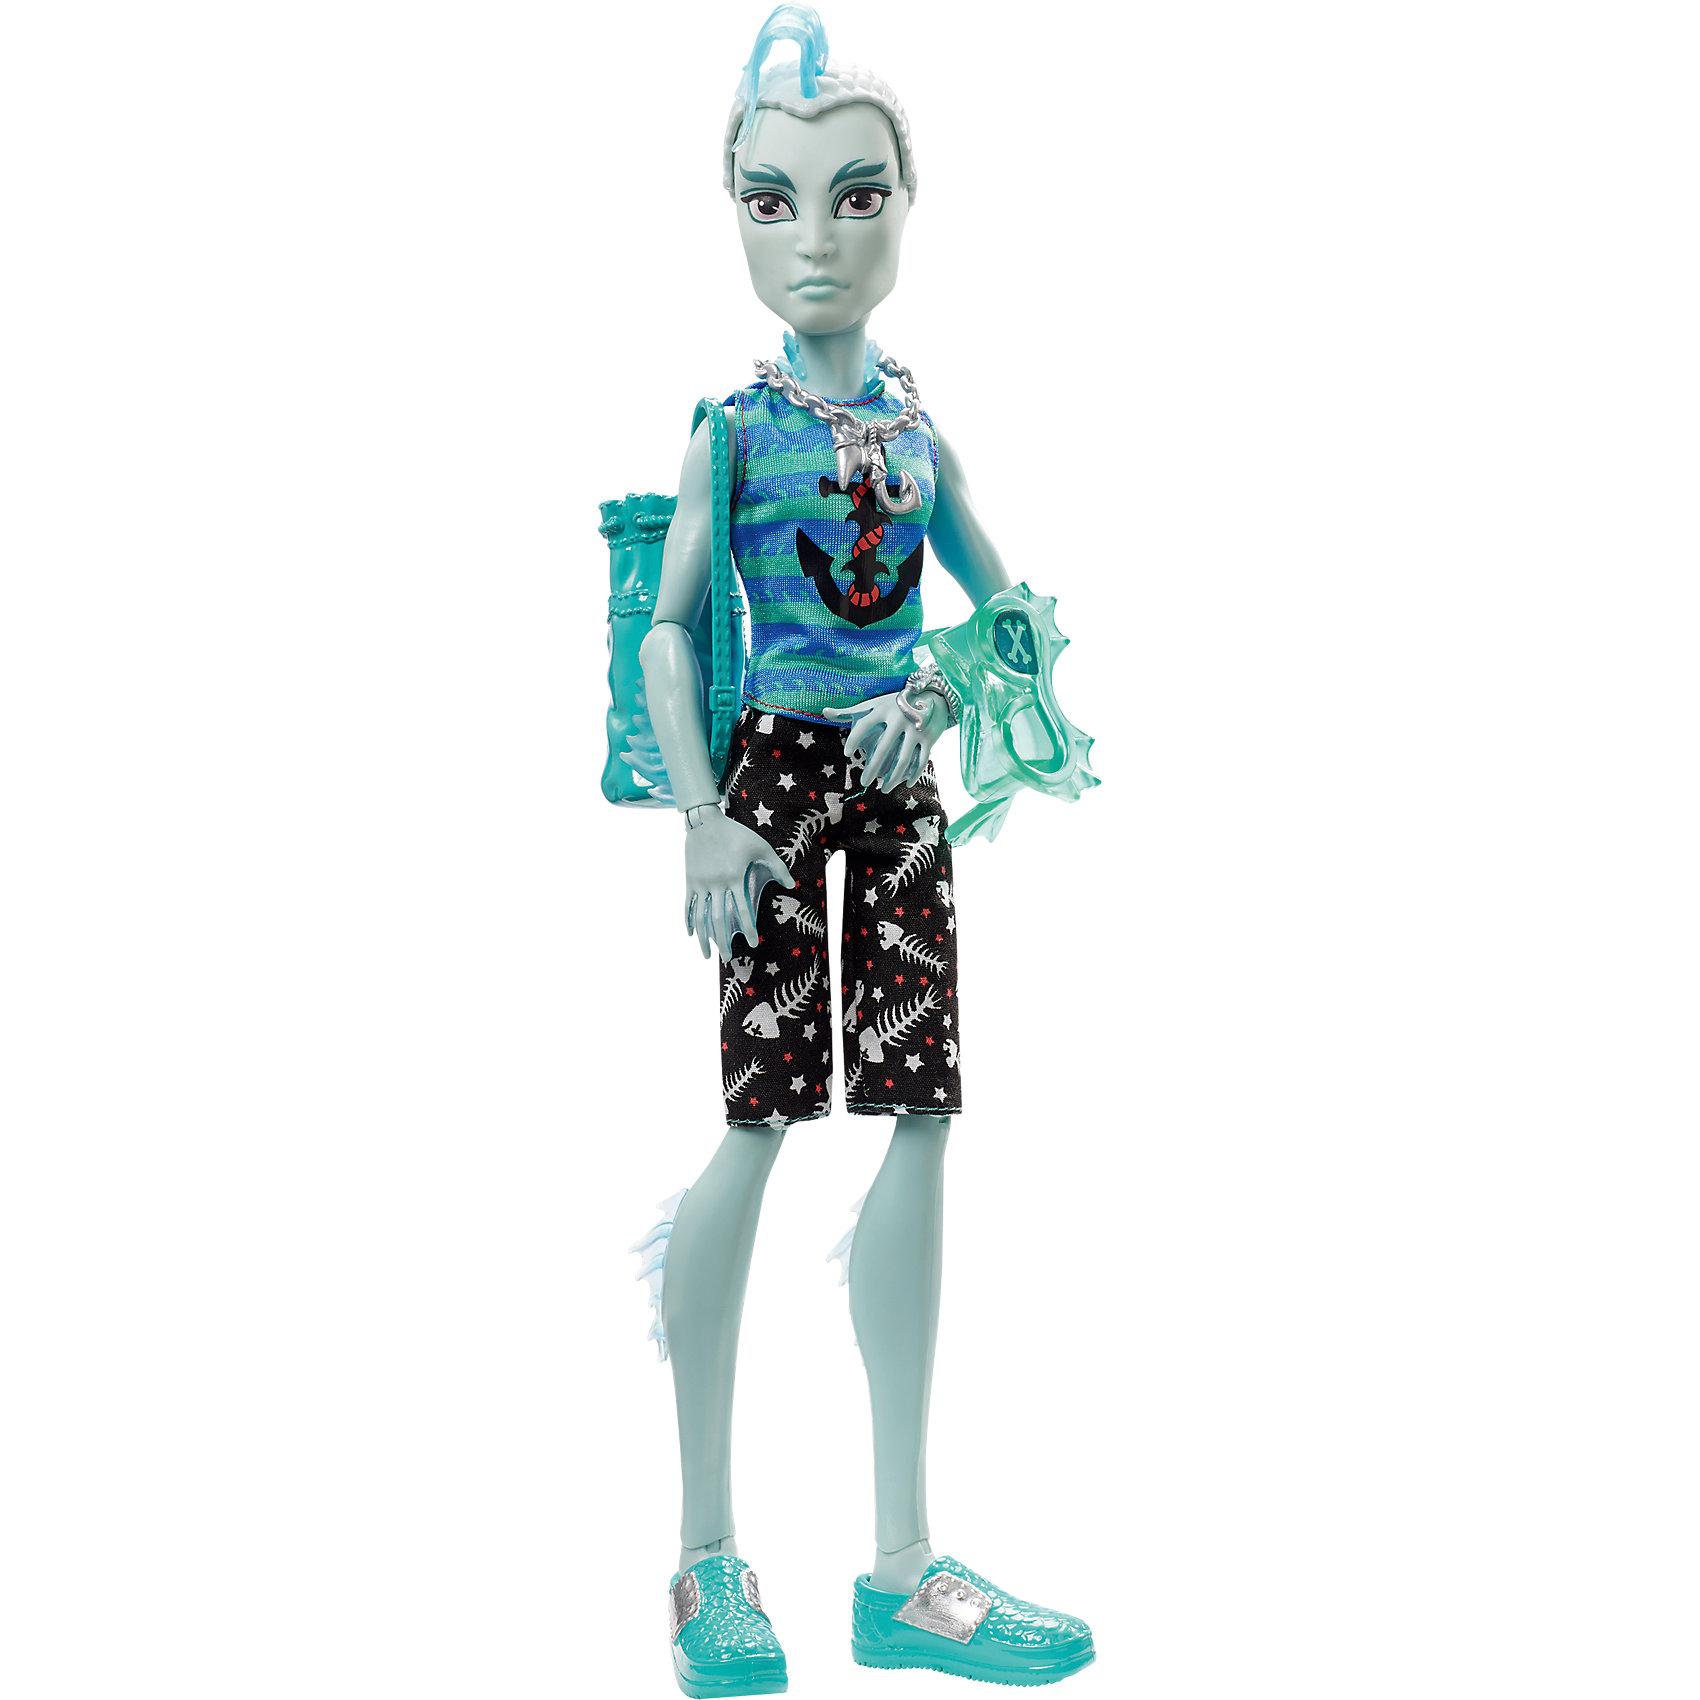 Кукла Гил Веббер из серии Пиратская авантюра, Monster HighMonster High<br>Сын Речного монстра Гил Веббер отправился в путешествие на корабле с друзьями, но случилась беда - корабль потерпел крушение. Несмотря на это, Гил по-прежнему выглядит потрясающе. Он одет в майку с синими и бирюзовыми полосками, шорты с забавным принтом и сандалии. Морскую тематику стиля Гила дополняют цепь с крюком, маска, жабры и чешуя на голове. Отправляйтесь навстречу пиратским приключениям с Гилом Веббером!<br><br>Дополнительная информация:<br>Материал: пластик, текстиль<br>Высота куклы: 26 см<br>Вес куклы: 200 грамм<br>Серия: Пиратская авантюра<br><br>Куклу Гил Веббер из серии Пиратская авантюра можно приобрести в нашем интернет-магазине.<br><br>Ширина мм: 329<br>Глубина мм: 154<br>Высота мм: 68<br>Вес г: 229<br>Возраст от месяцев: 72<br>Возраст до месяцев: 120<br>Пол: Женский<br>Возраст: Детский<br>SKU: 4765358